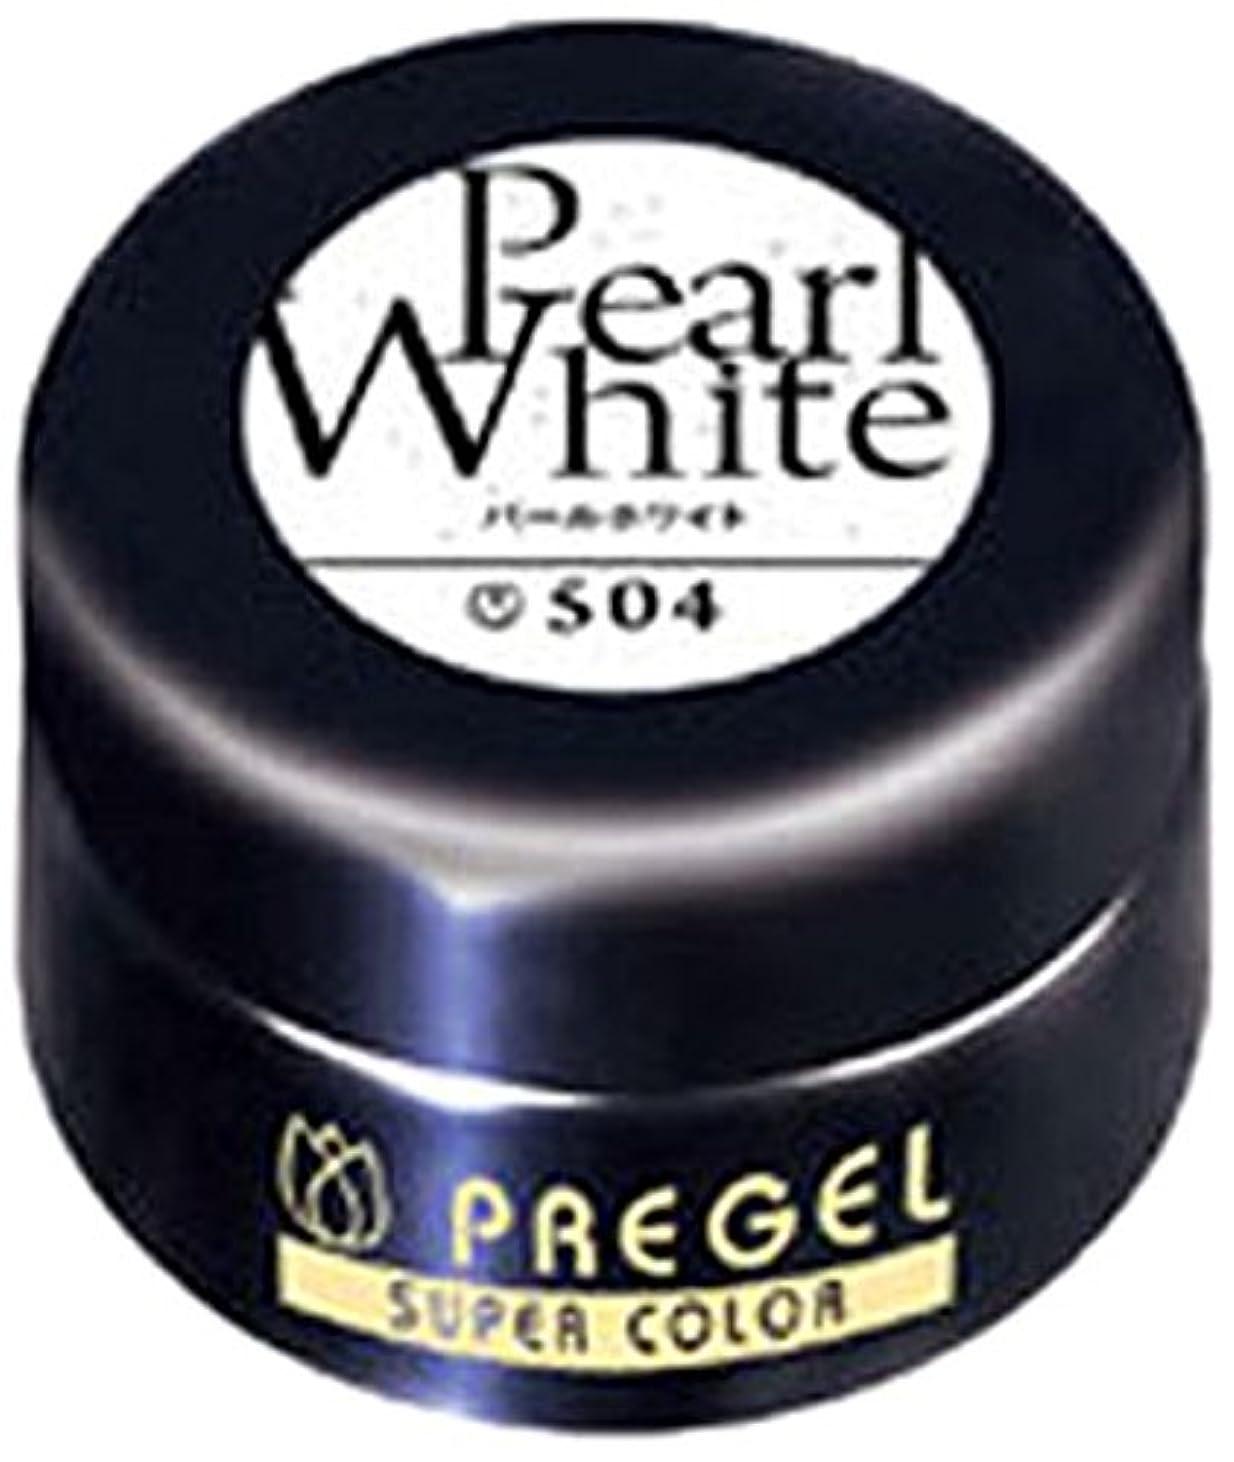 プリジェル スーパーカラーEX パールホワイト 4g PG-SE504 カラージェル UV/LED対応